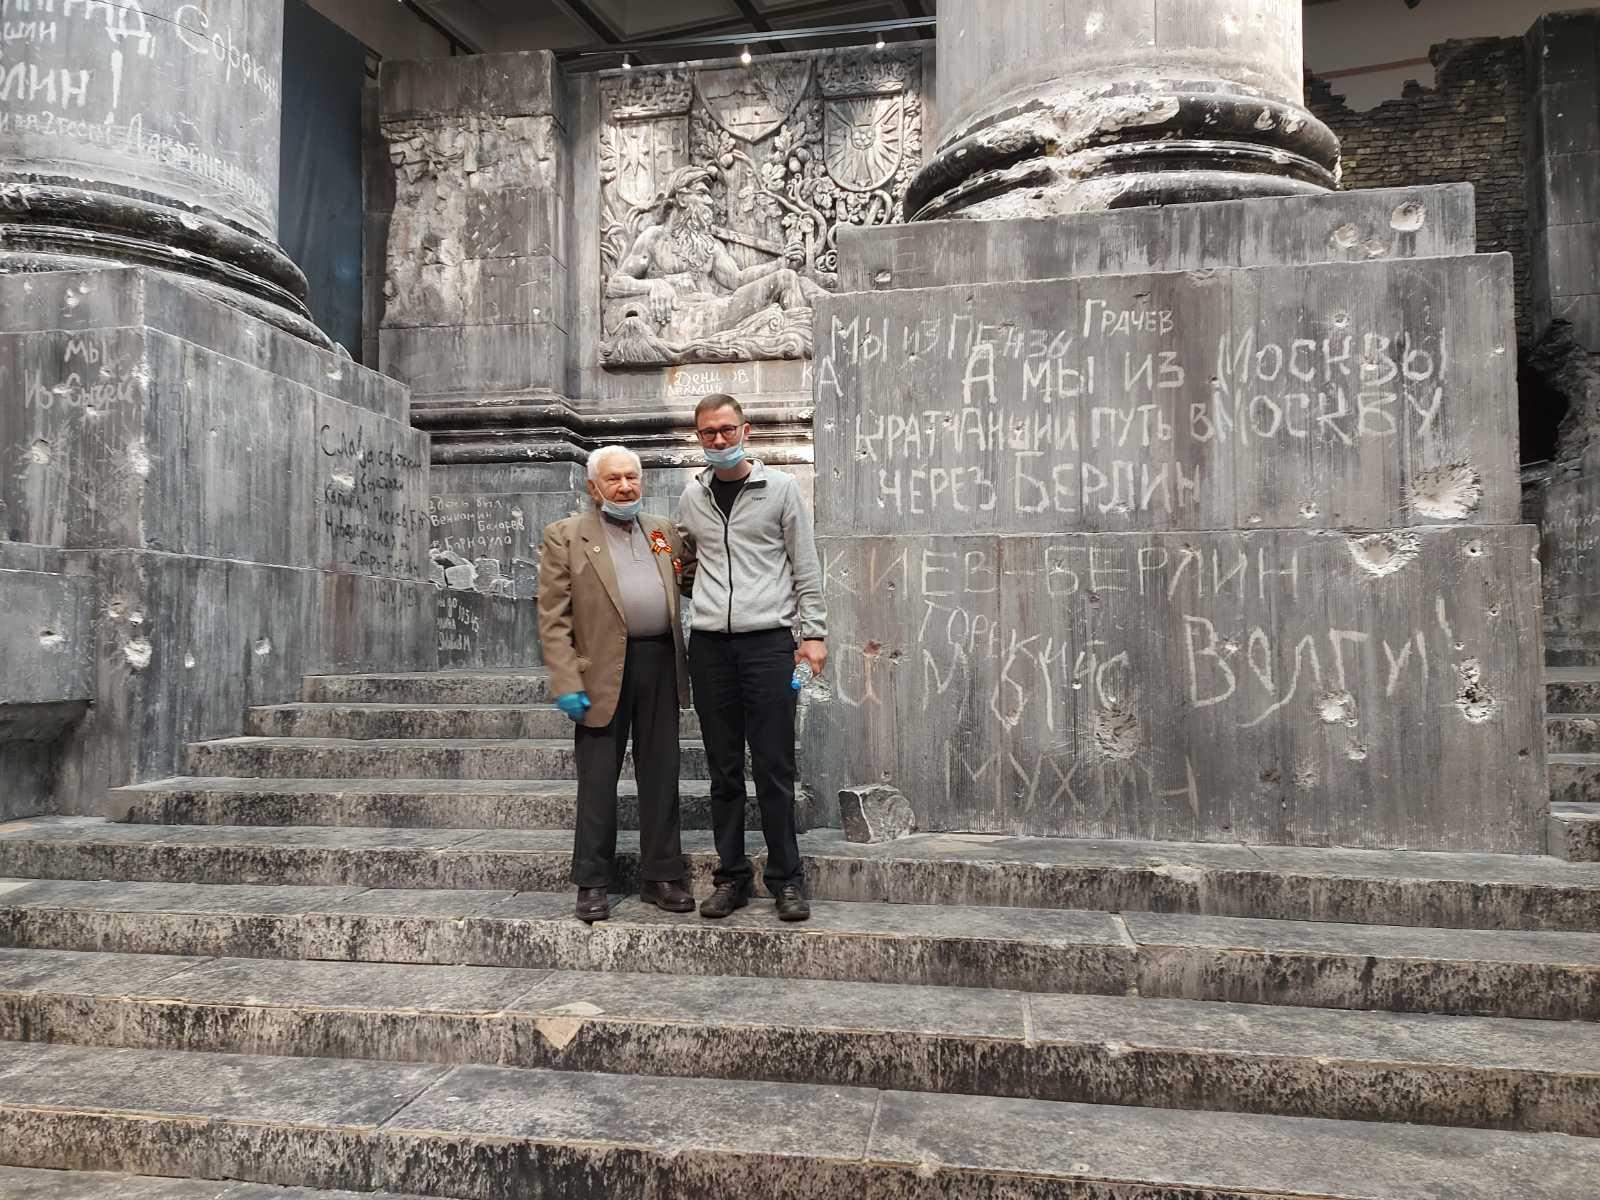 Подарок для ветерана. Волонтеры организовали для Михаила Пеймера путешествие в Москву и Севастополь